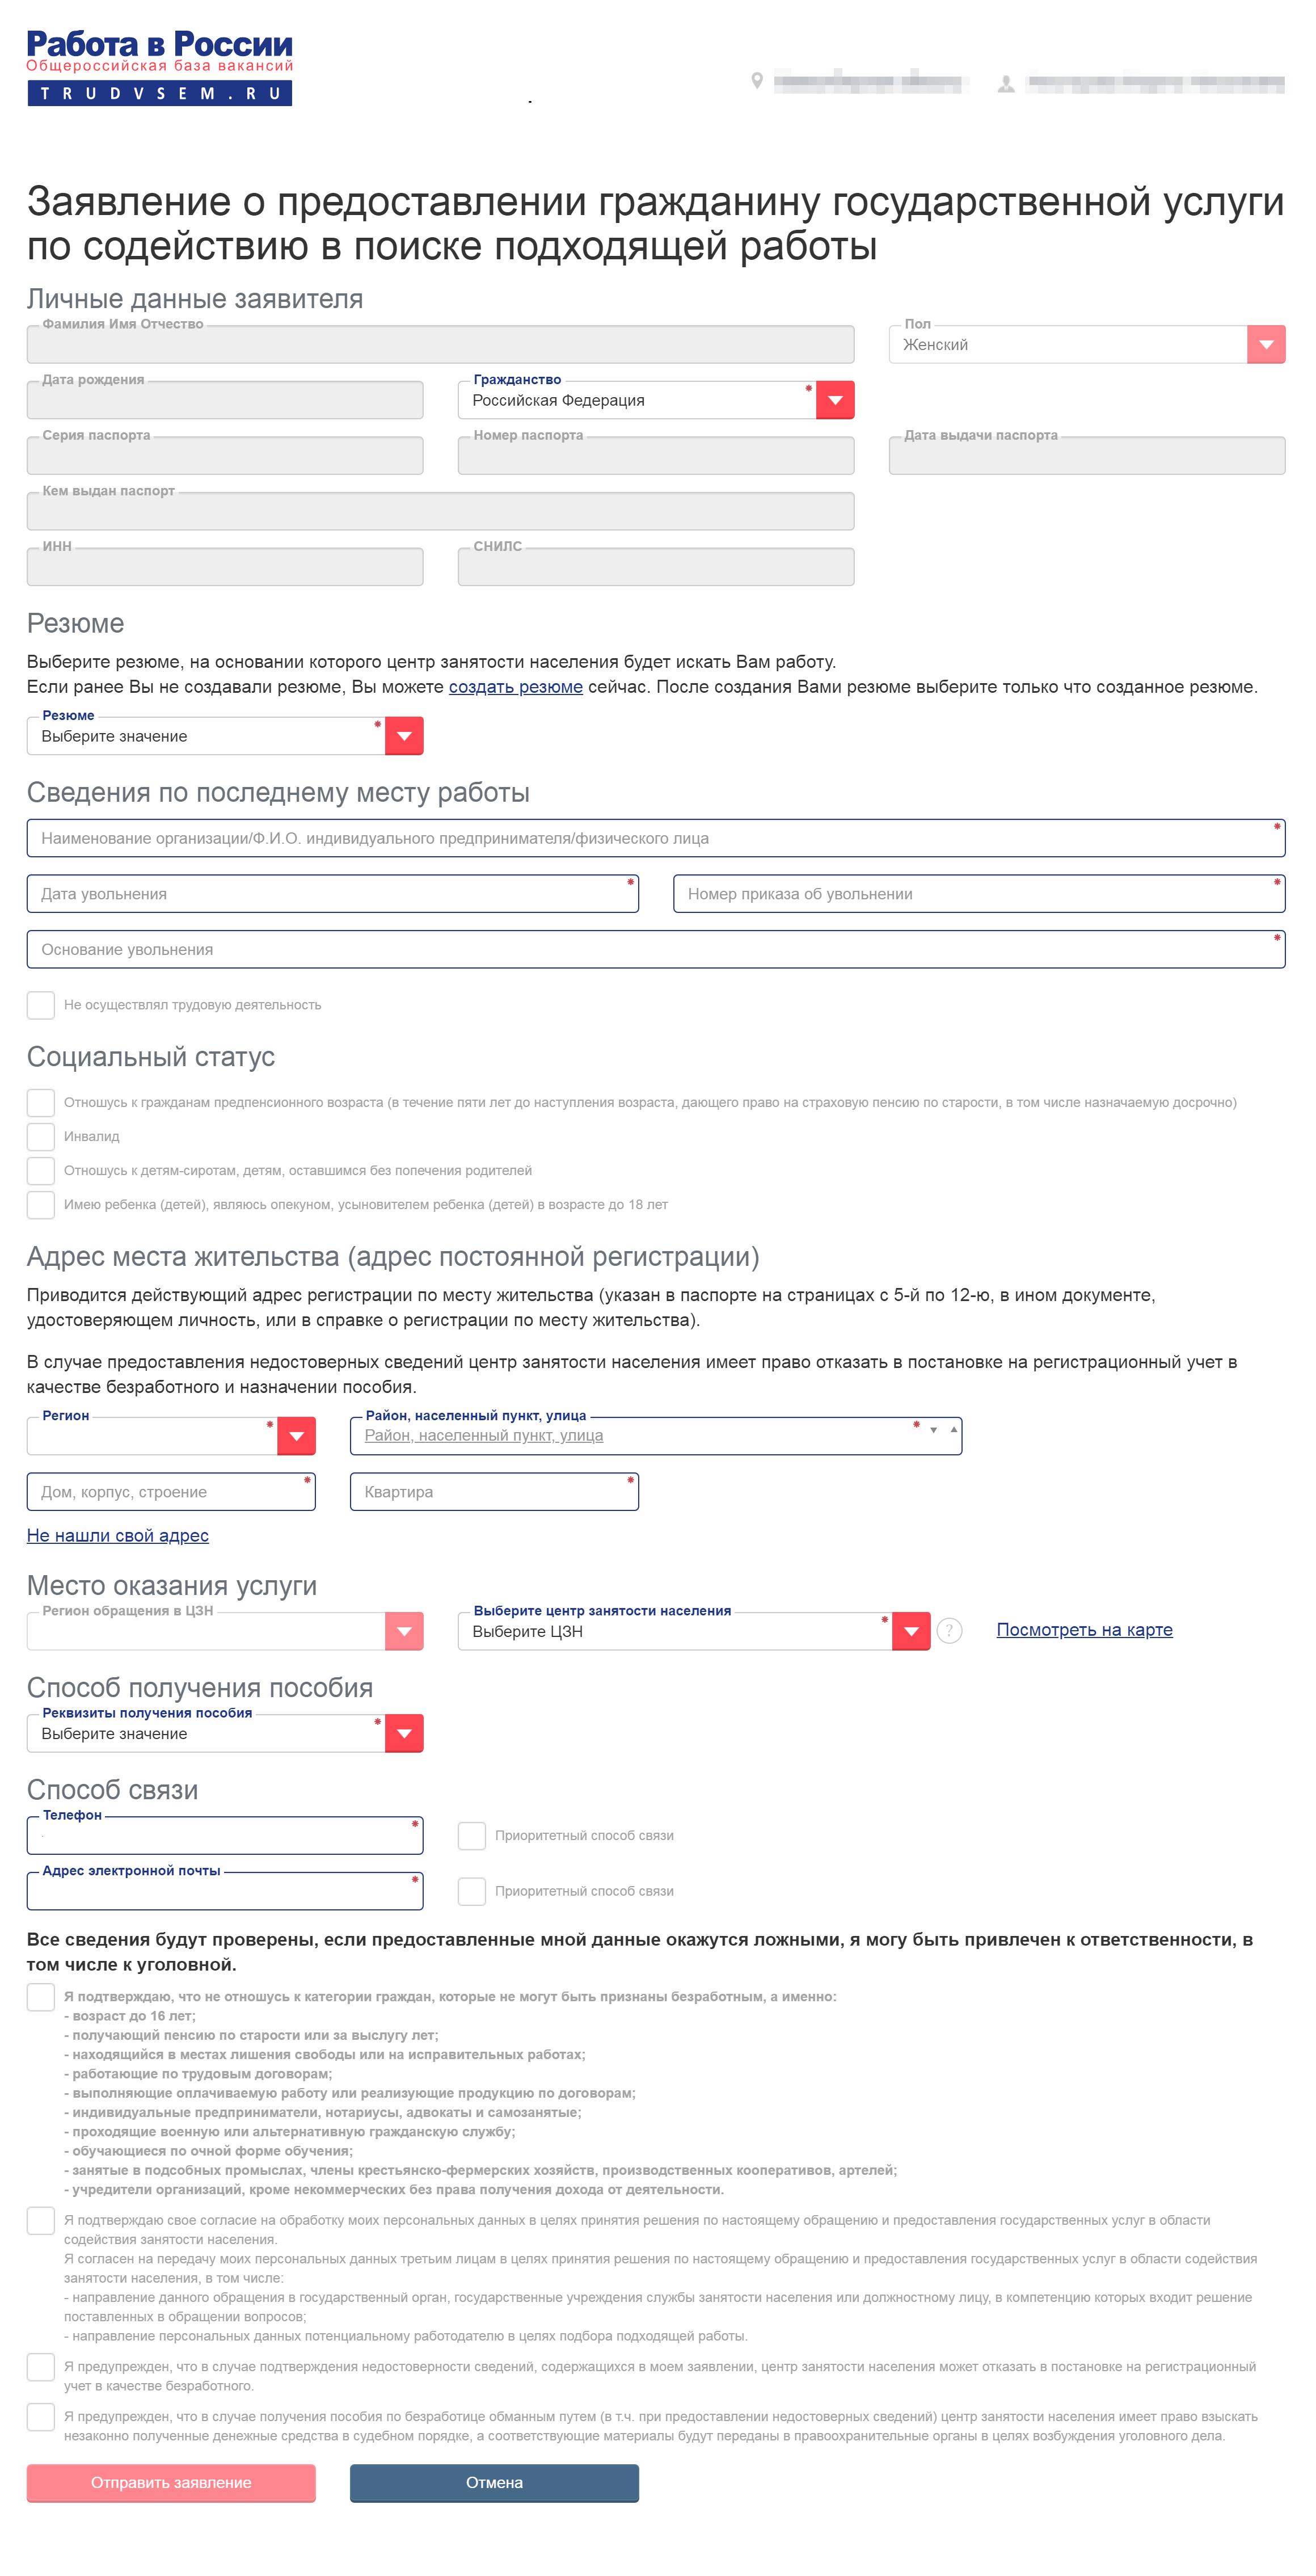 На портале «Работа в России» можно подать заявление, чтобы встать на учет в центр занятости. Но потом вас все равно пригласят на очное собеседование